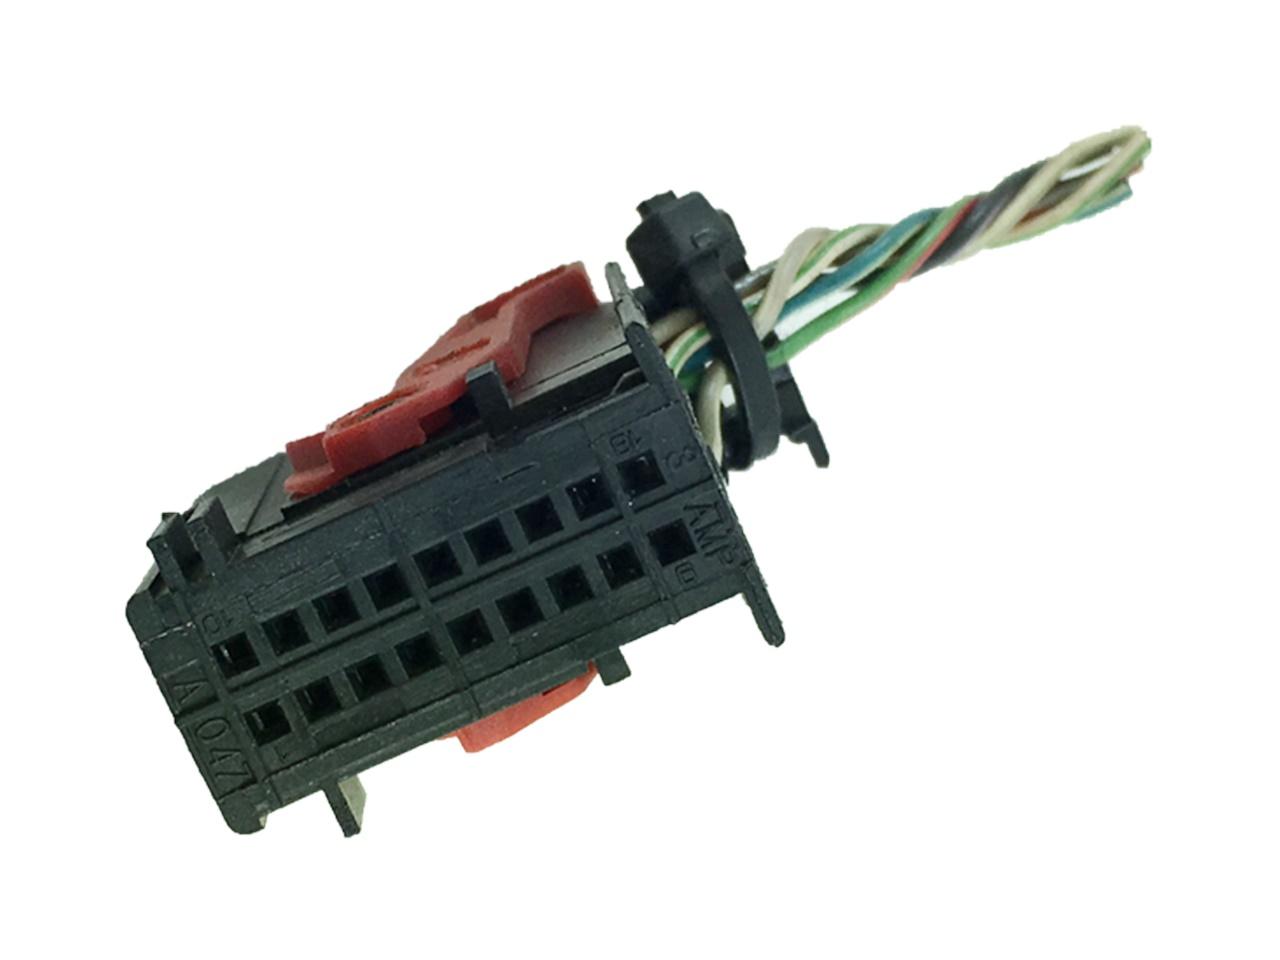 Plug Conector Chicote do Conjunto de Botão de Alerta e Desembaçador Fiat Punto Linea 08 09 010 011 012 Palio Idea G3 03 04 05 06 07 08